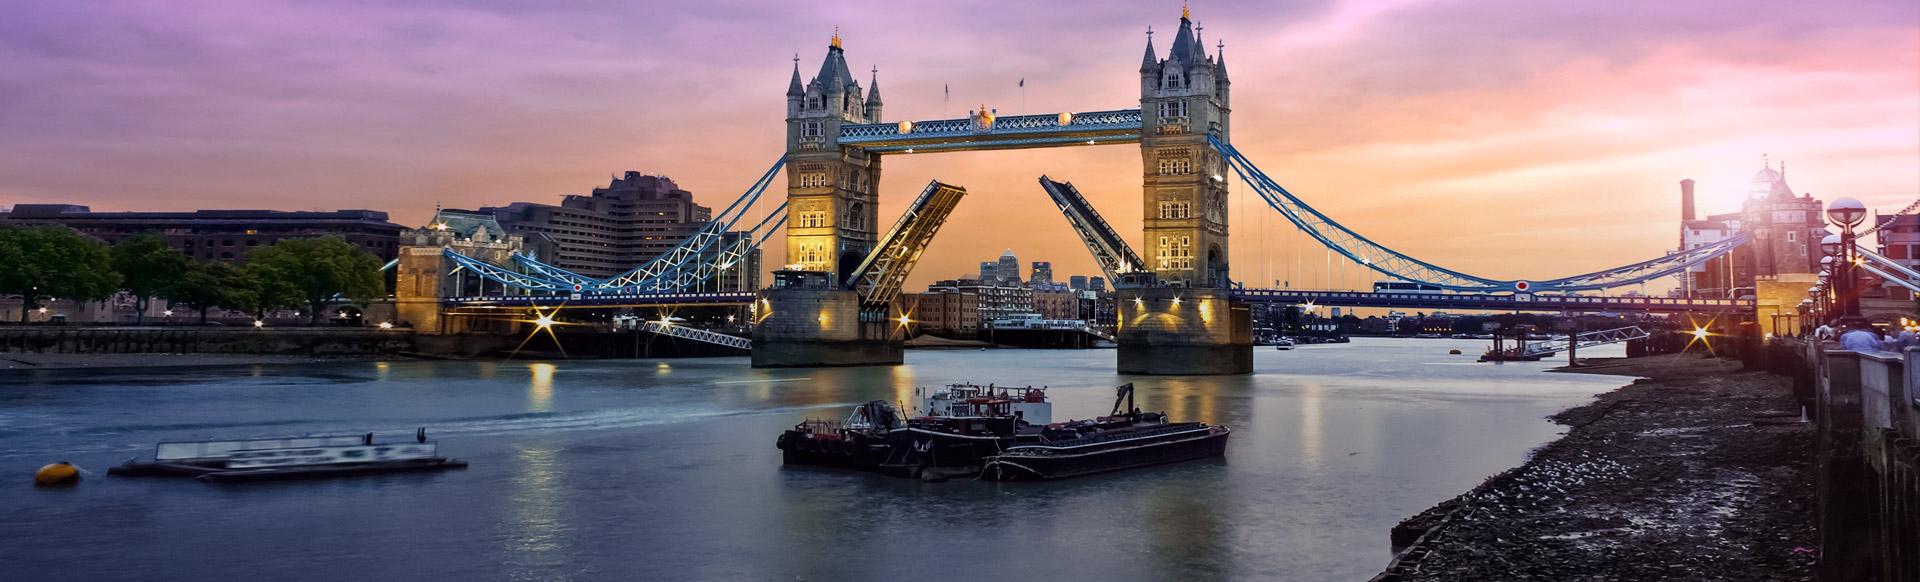 tower-bridge-homepage-image.jpg